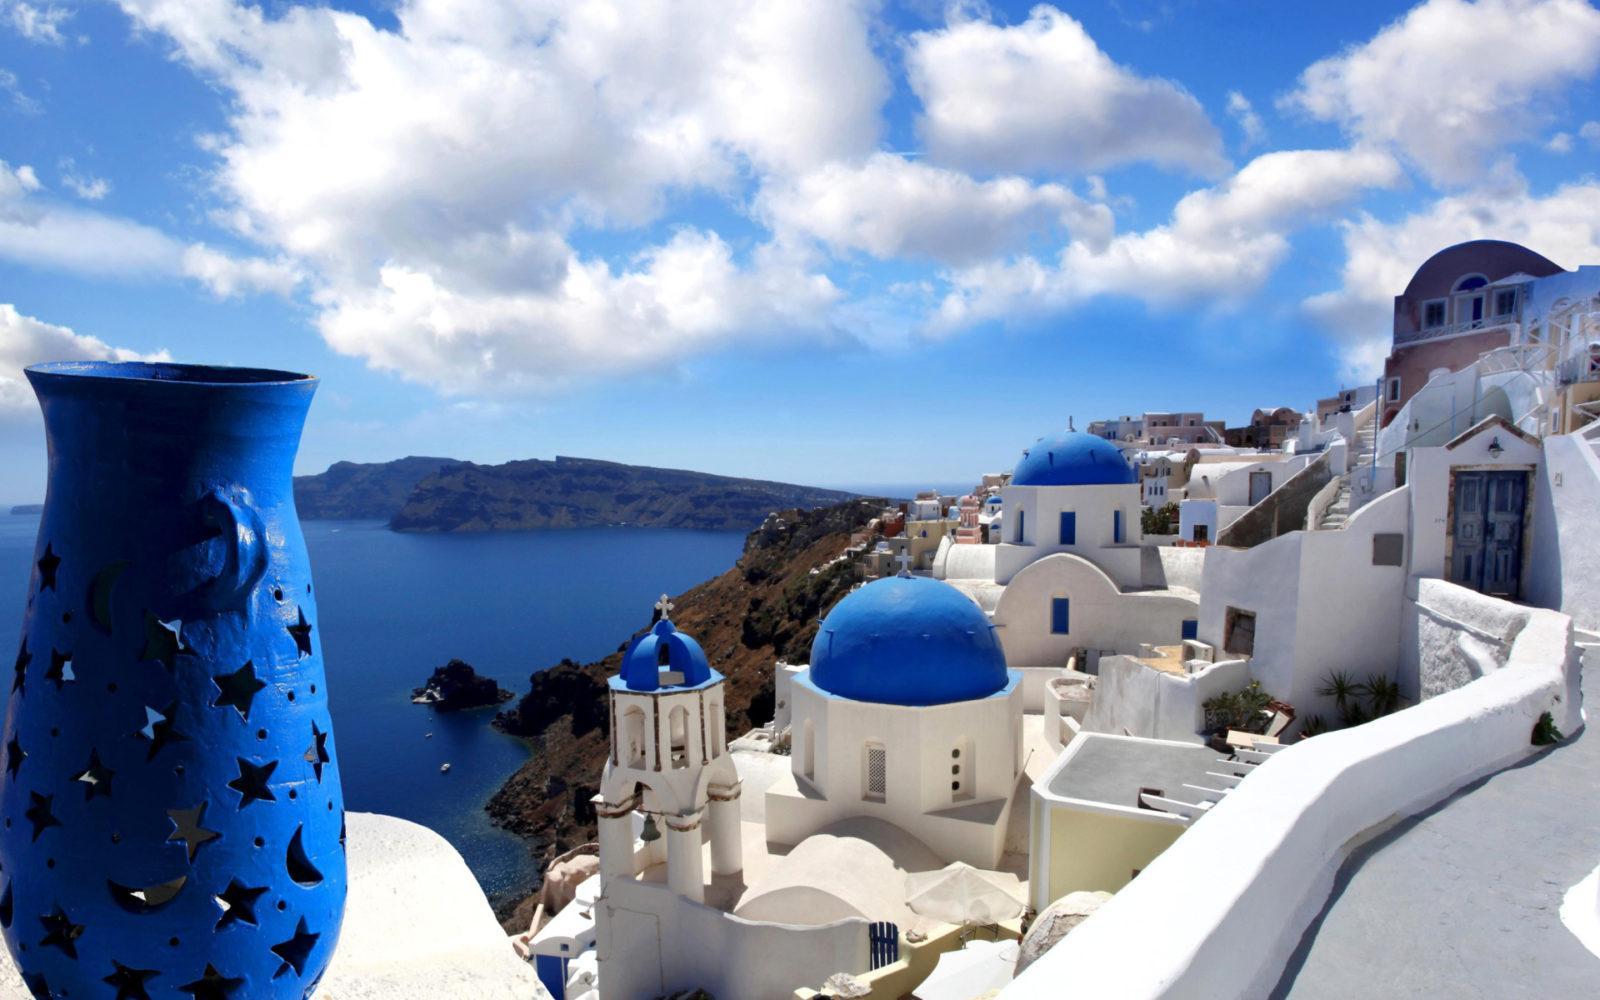 Oia Greece Santorini - ავიაბილეთები სანტორინი